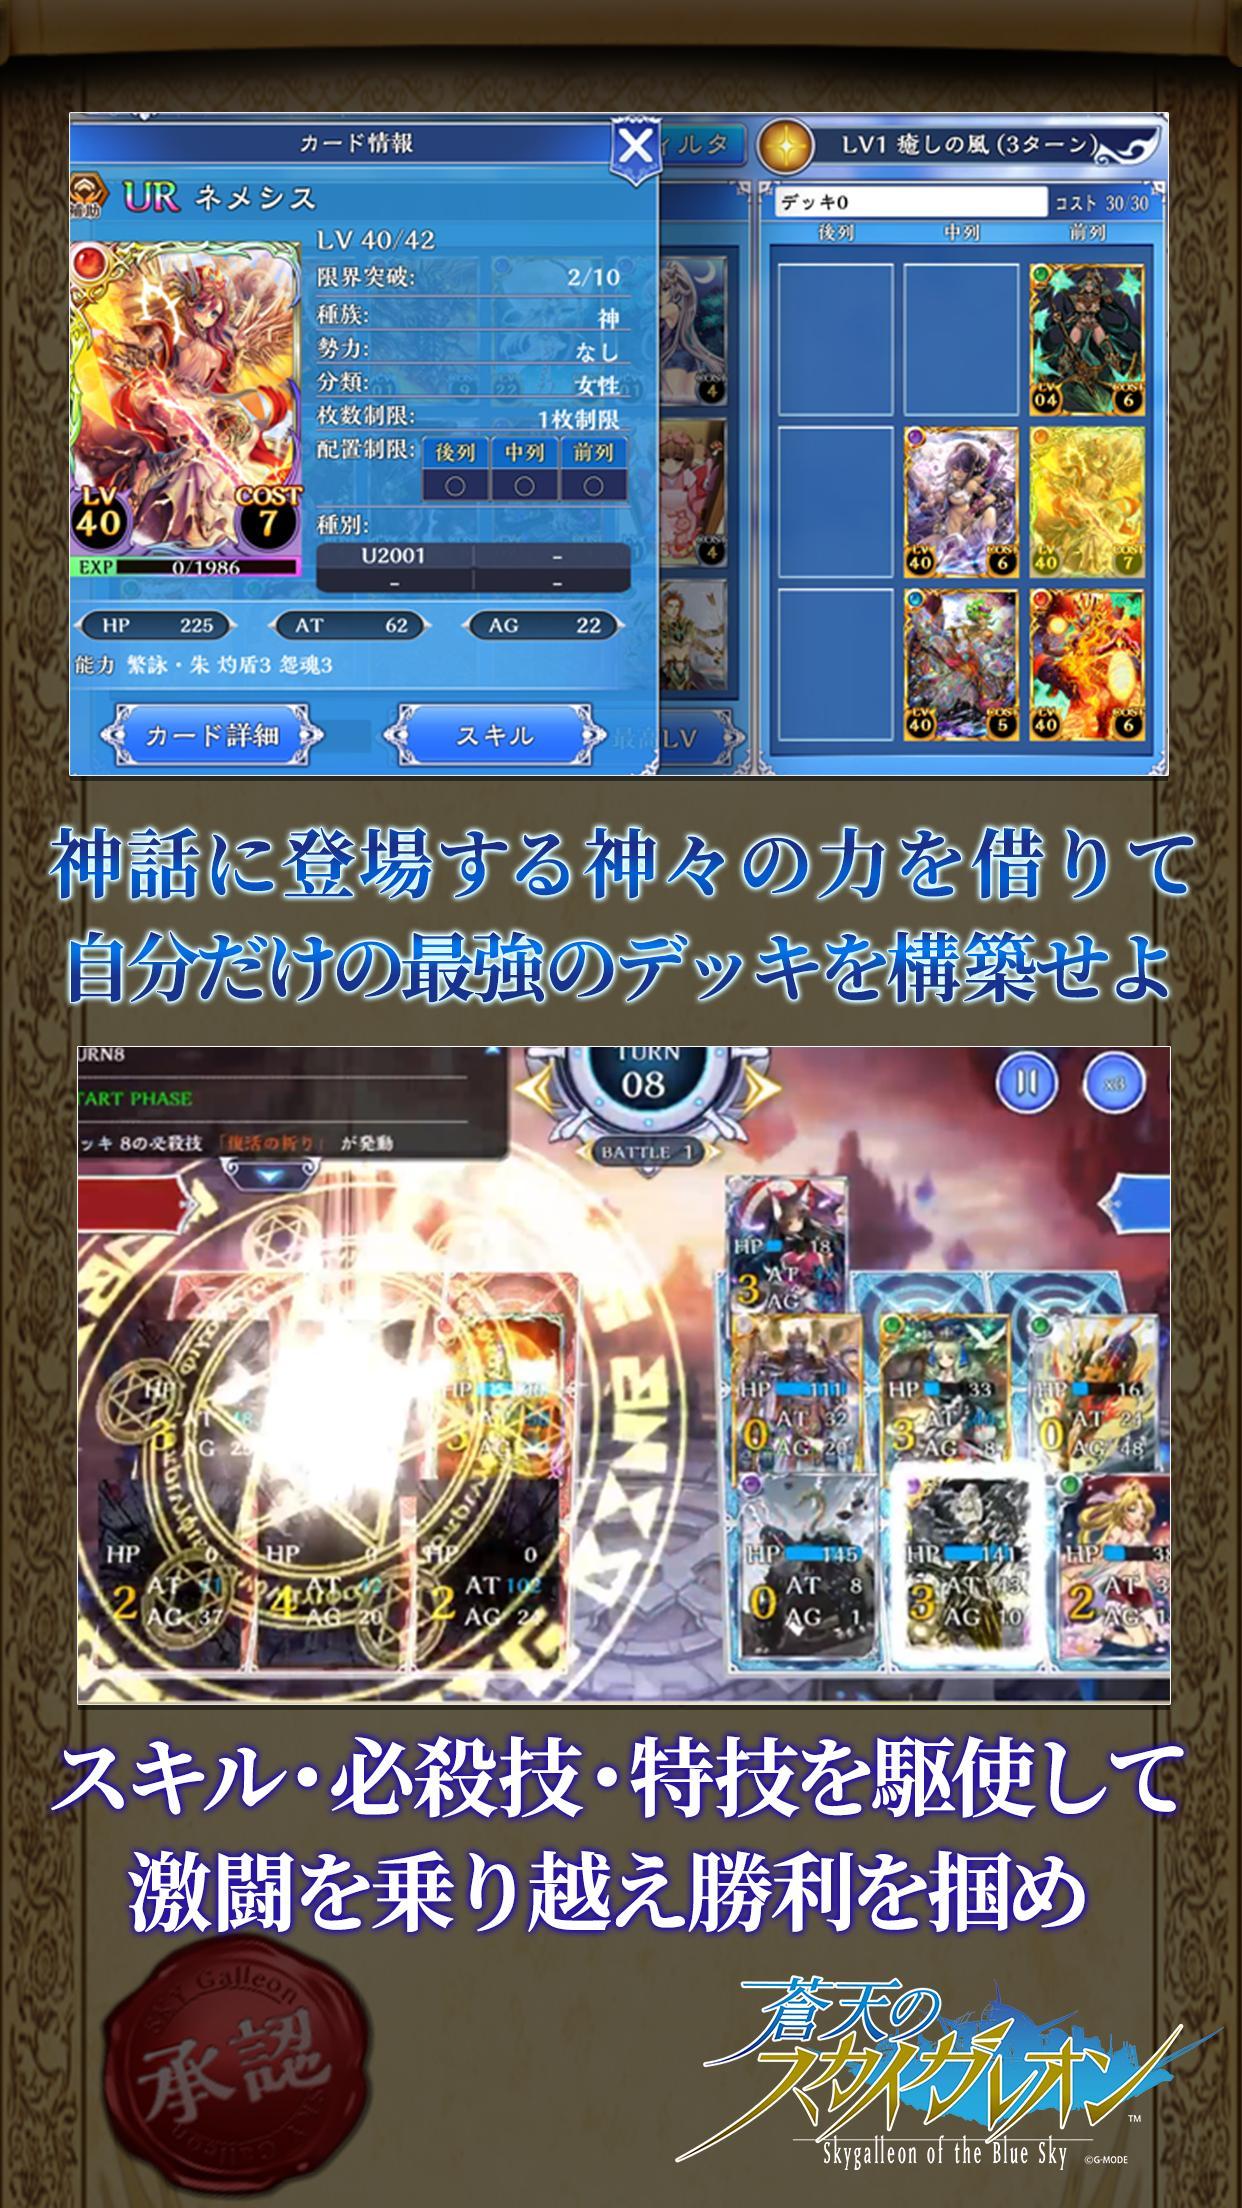 蒼天のスカイガレオン 20.56.10537 Screenshot 5